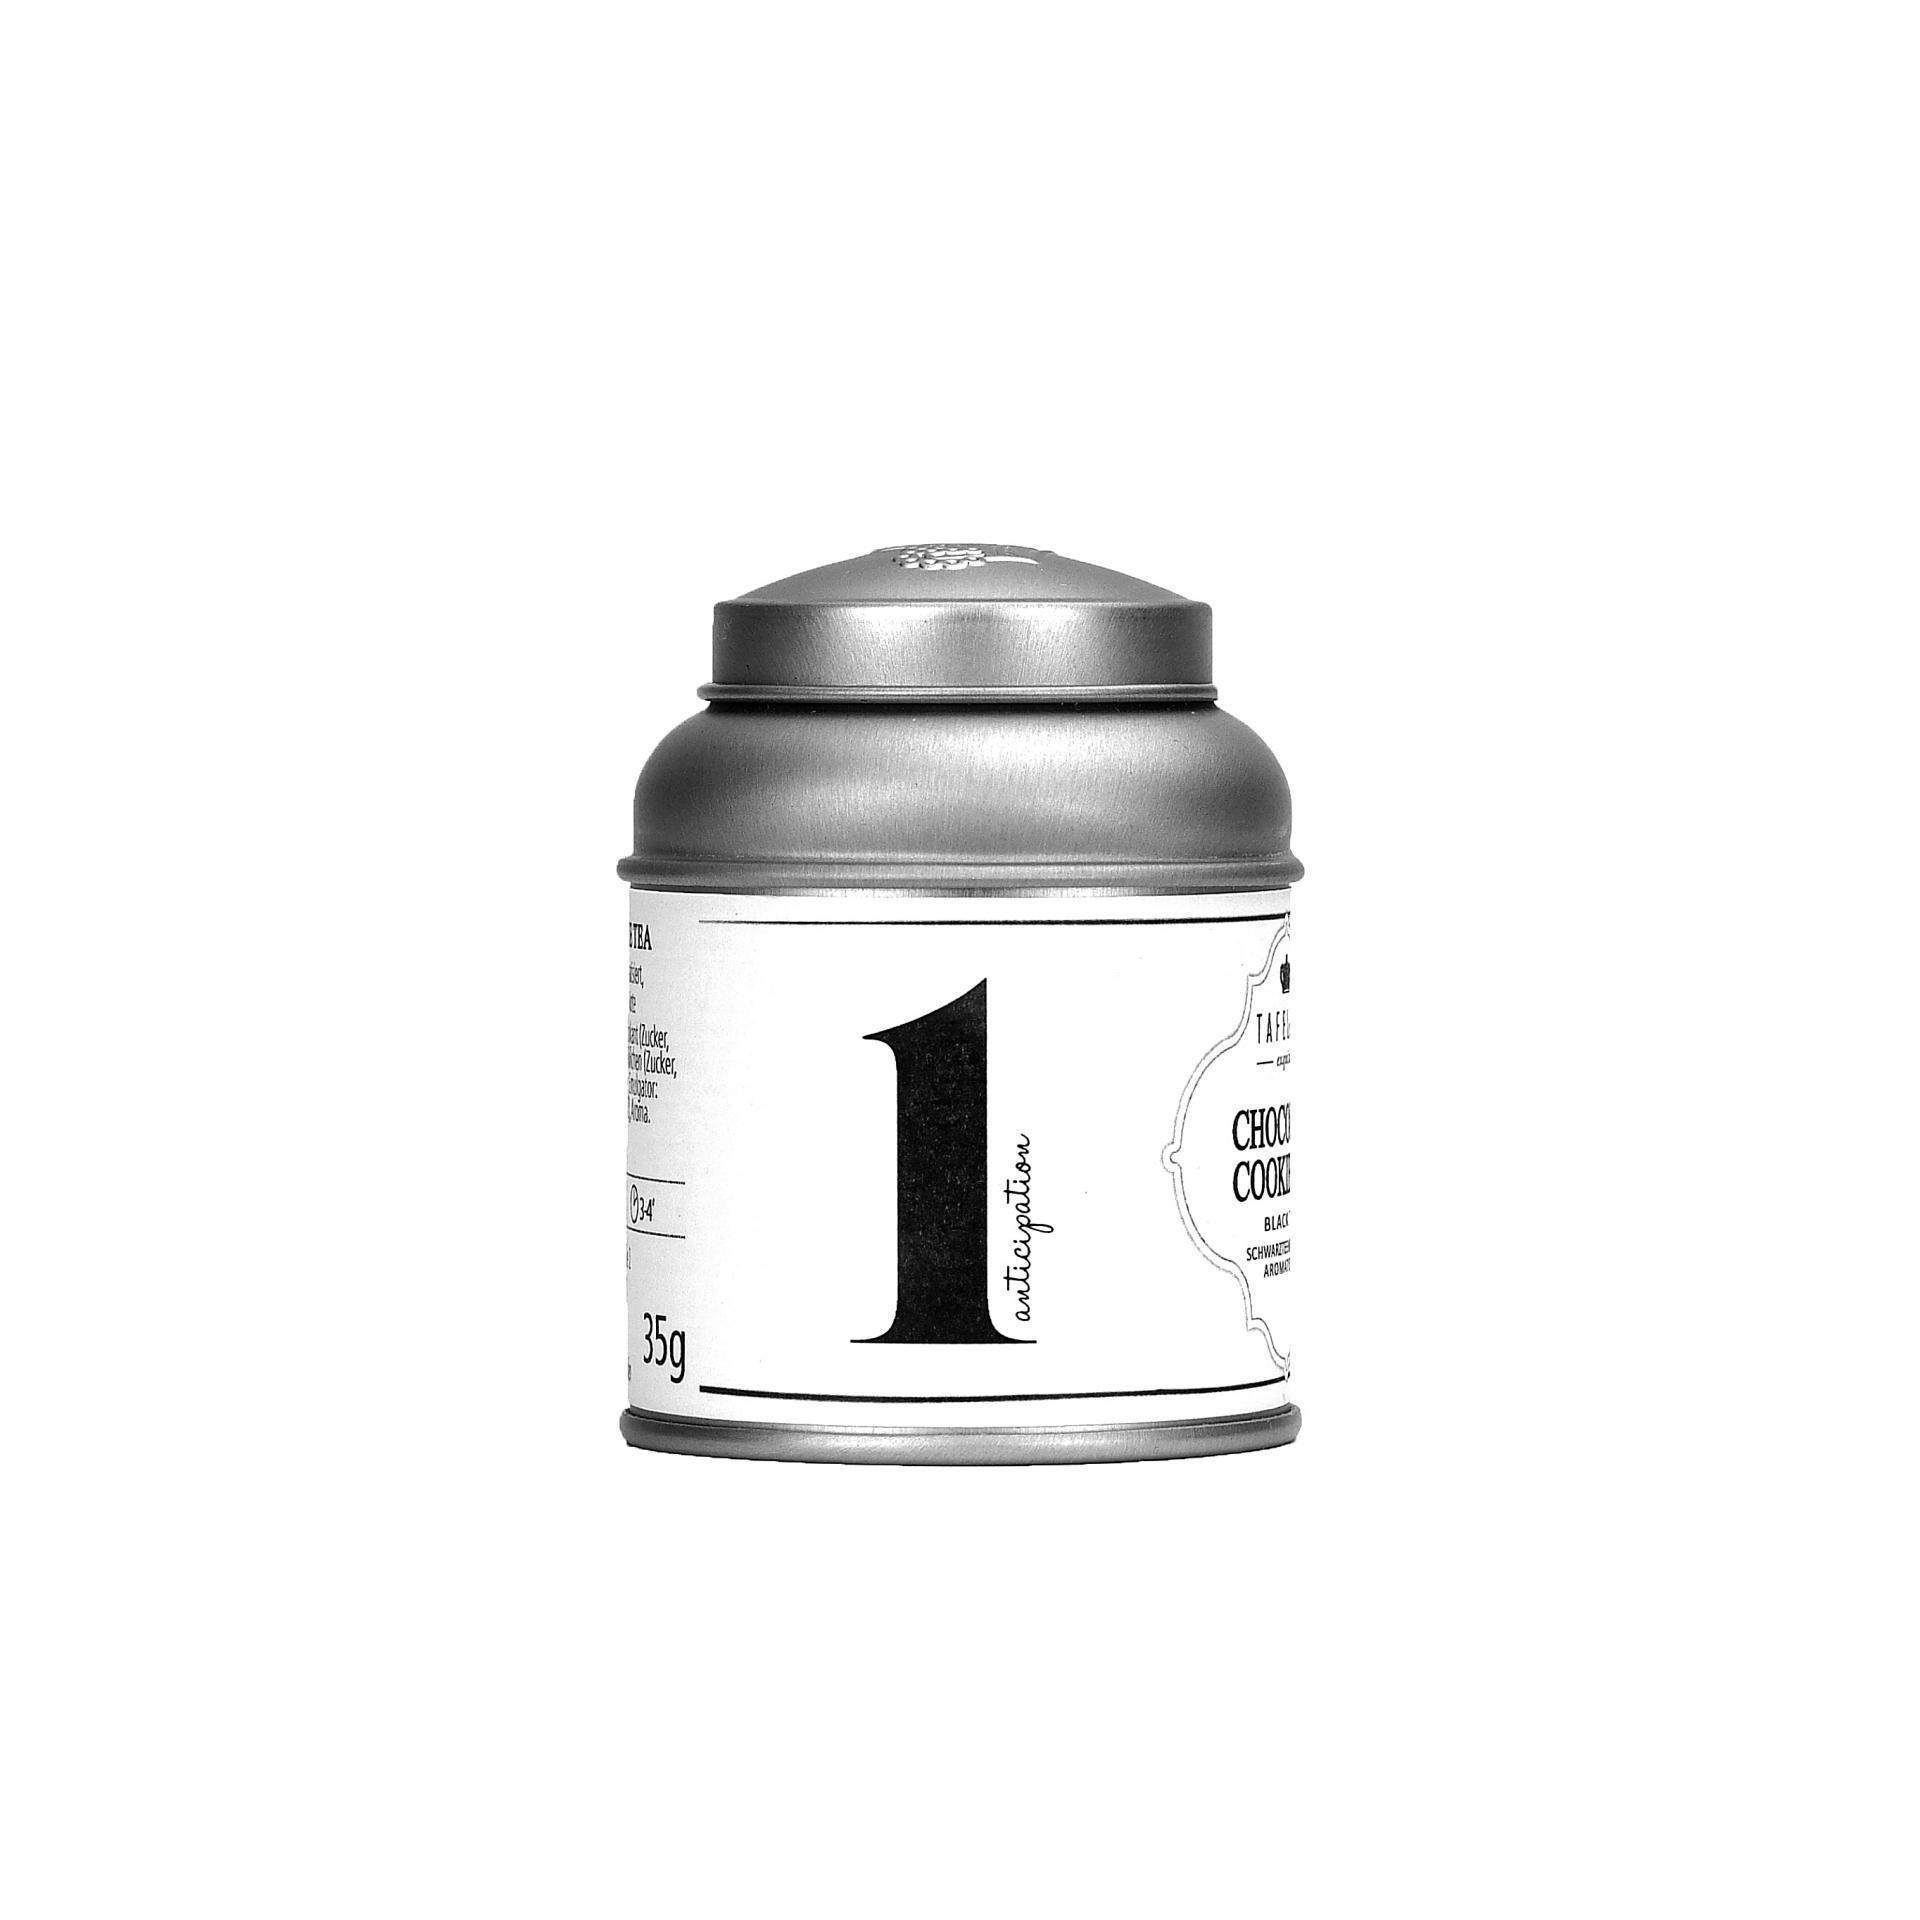 TAFELGUT Mini černý čaj Advent 1 - 35gr, černá barva, bílá barva, kov